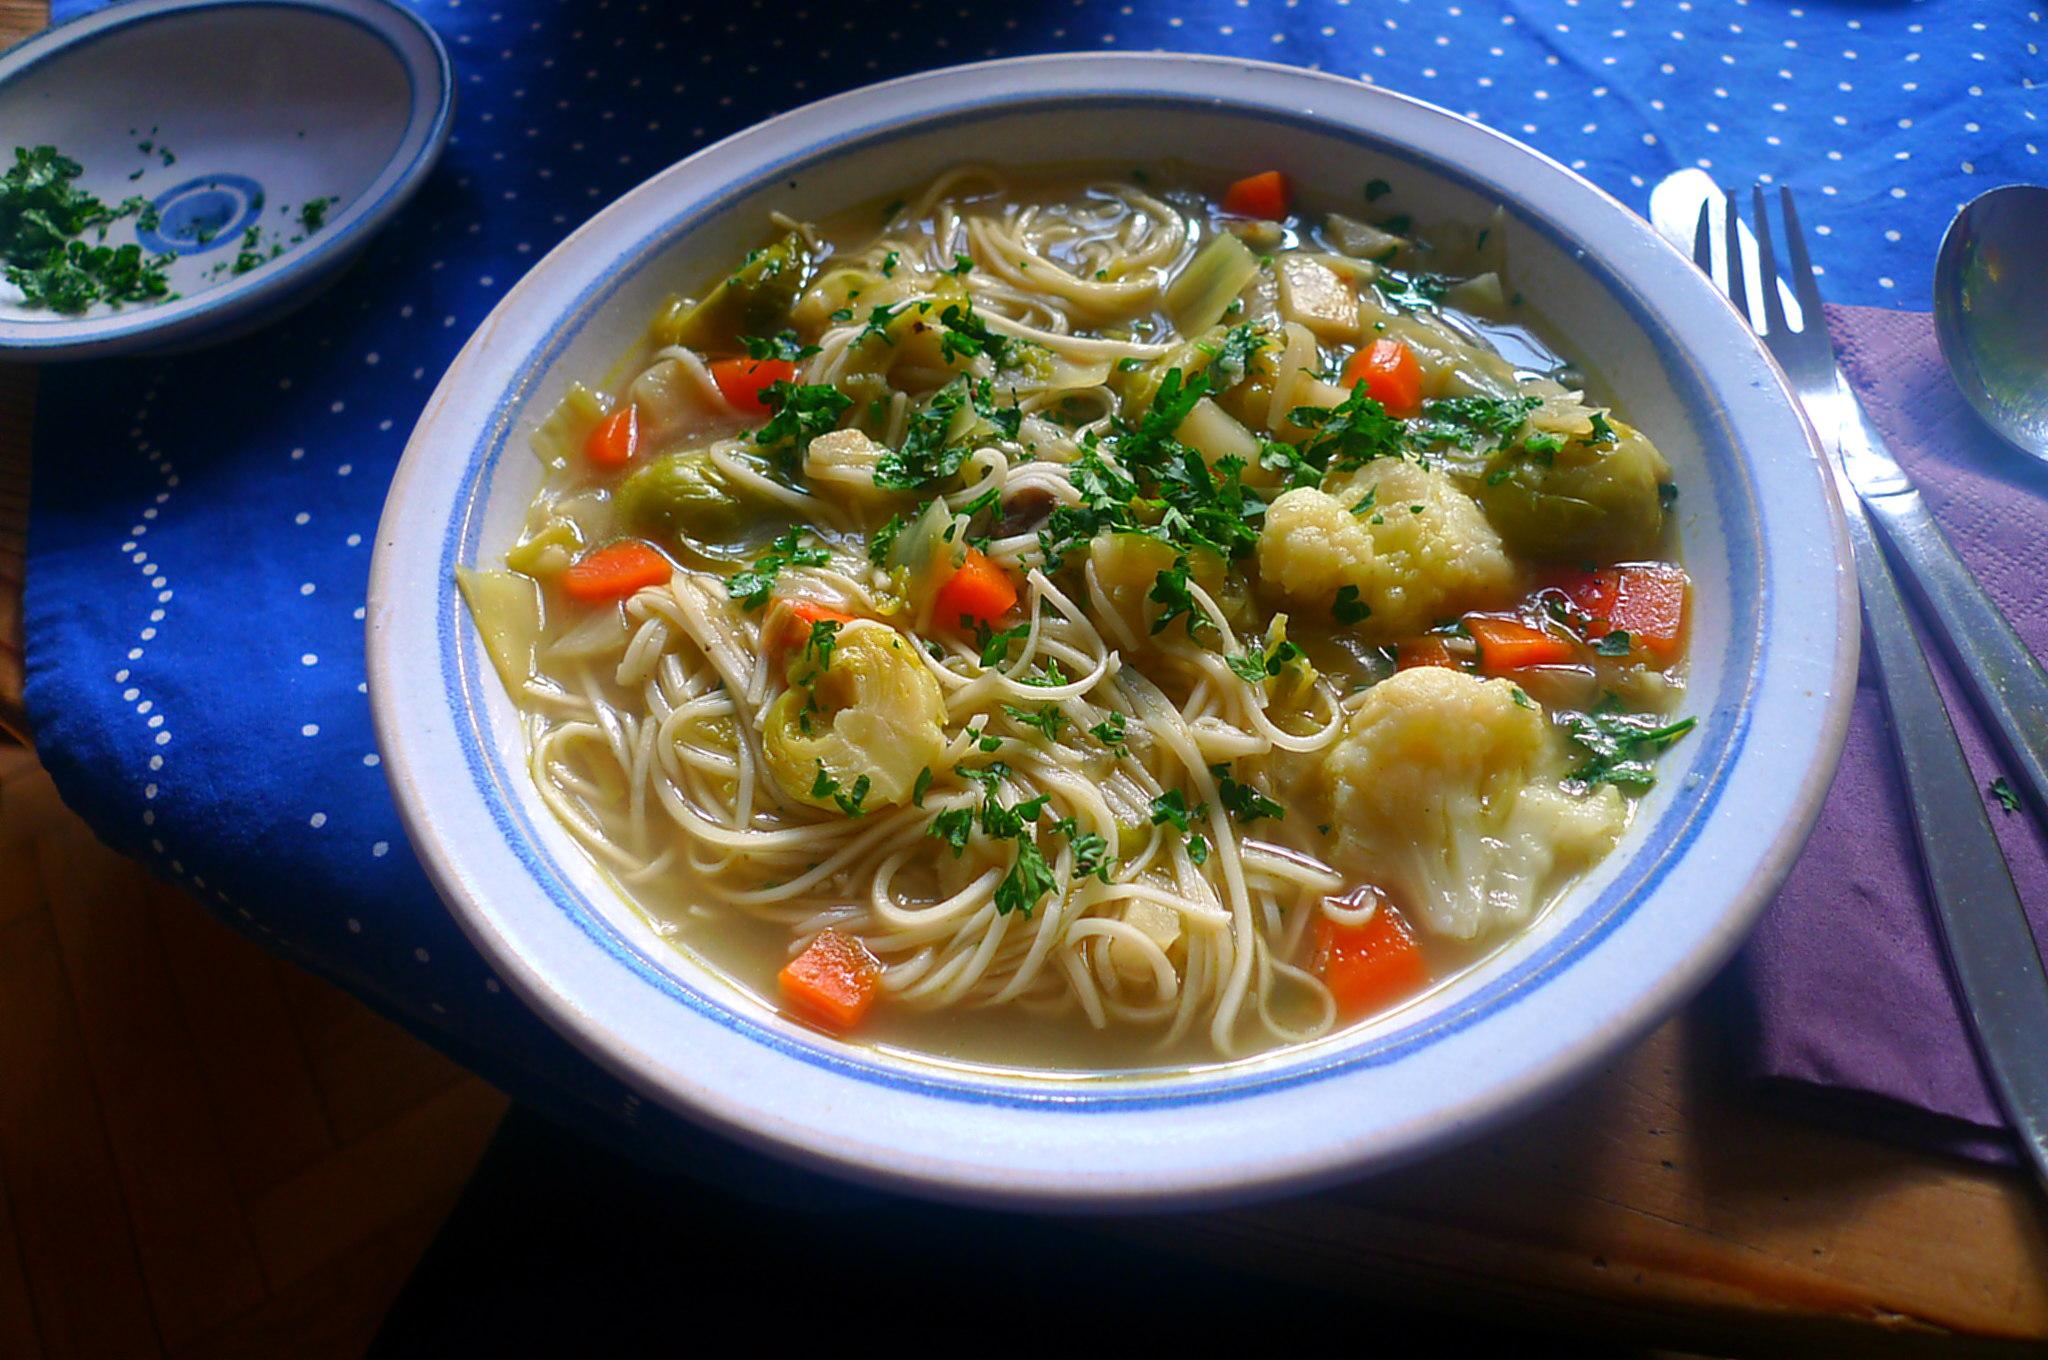 gemusesuppe-mit-nudeln-und-wiener-14